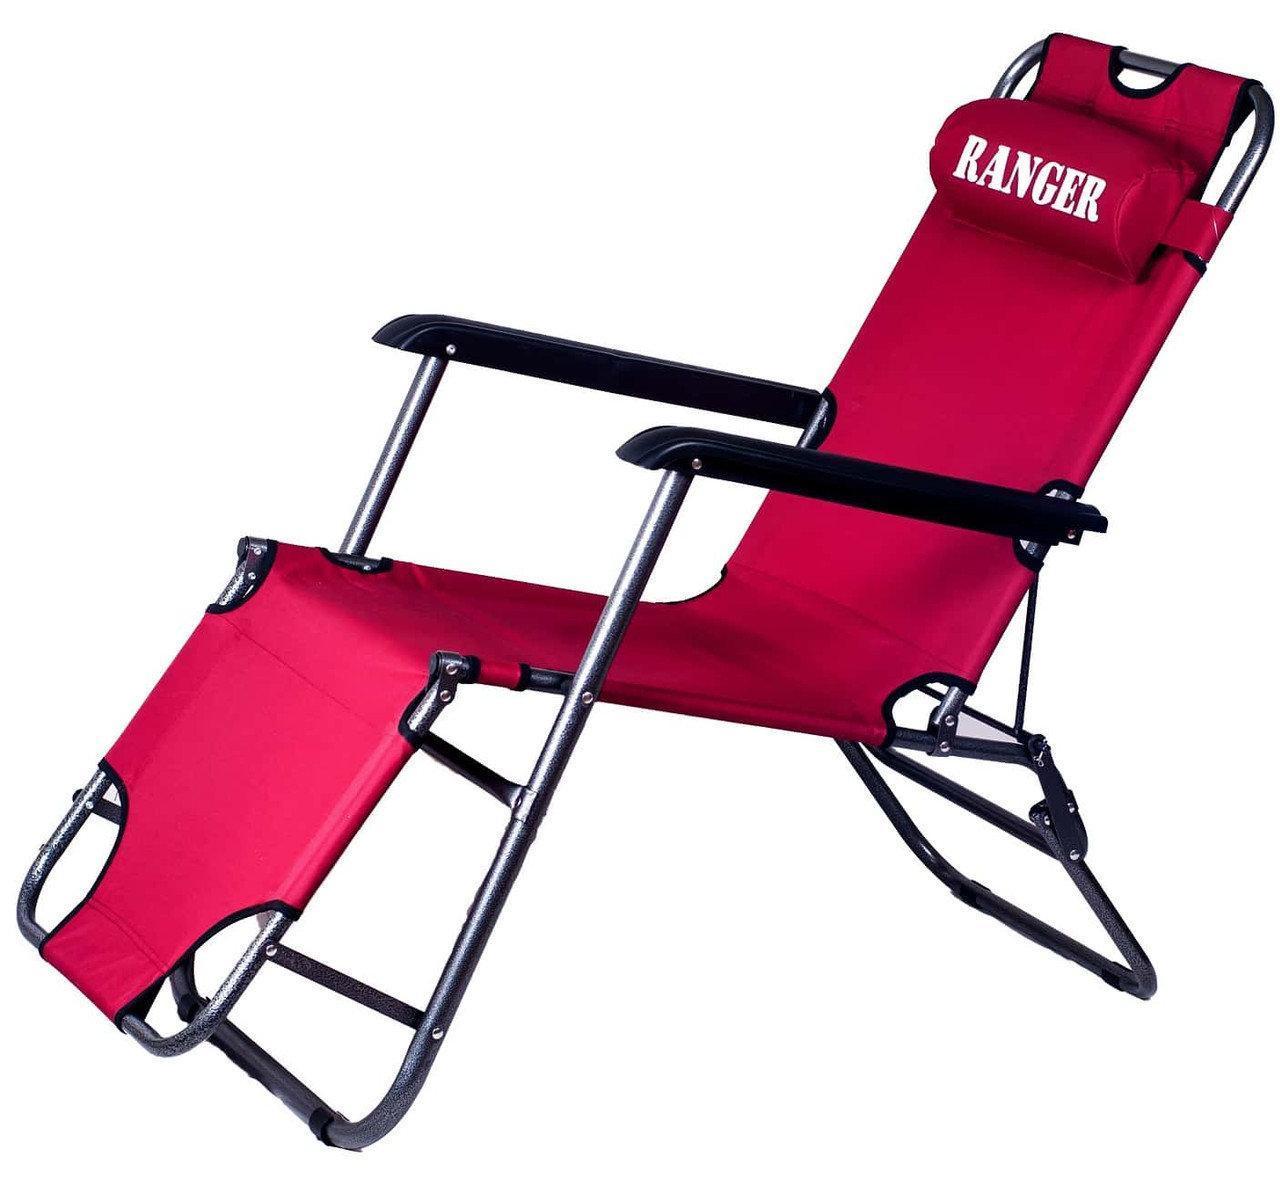 Шезлонг Ranger Comfort 3 RA 3304 Red